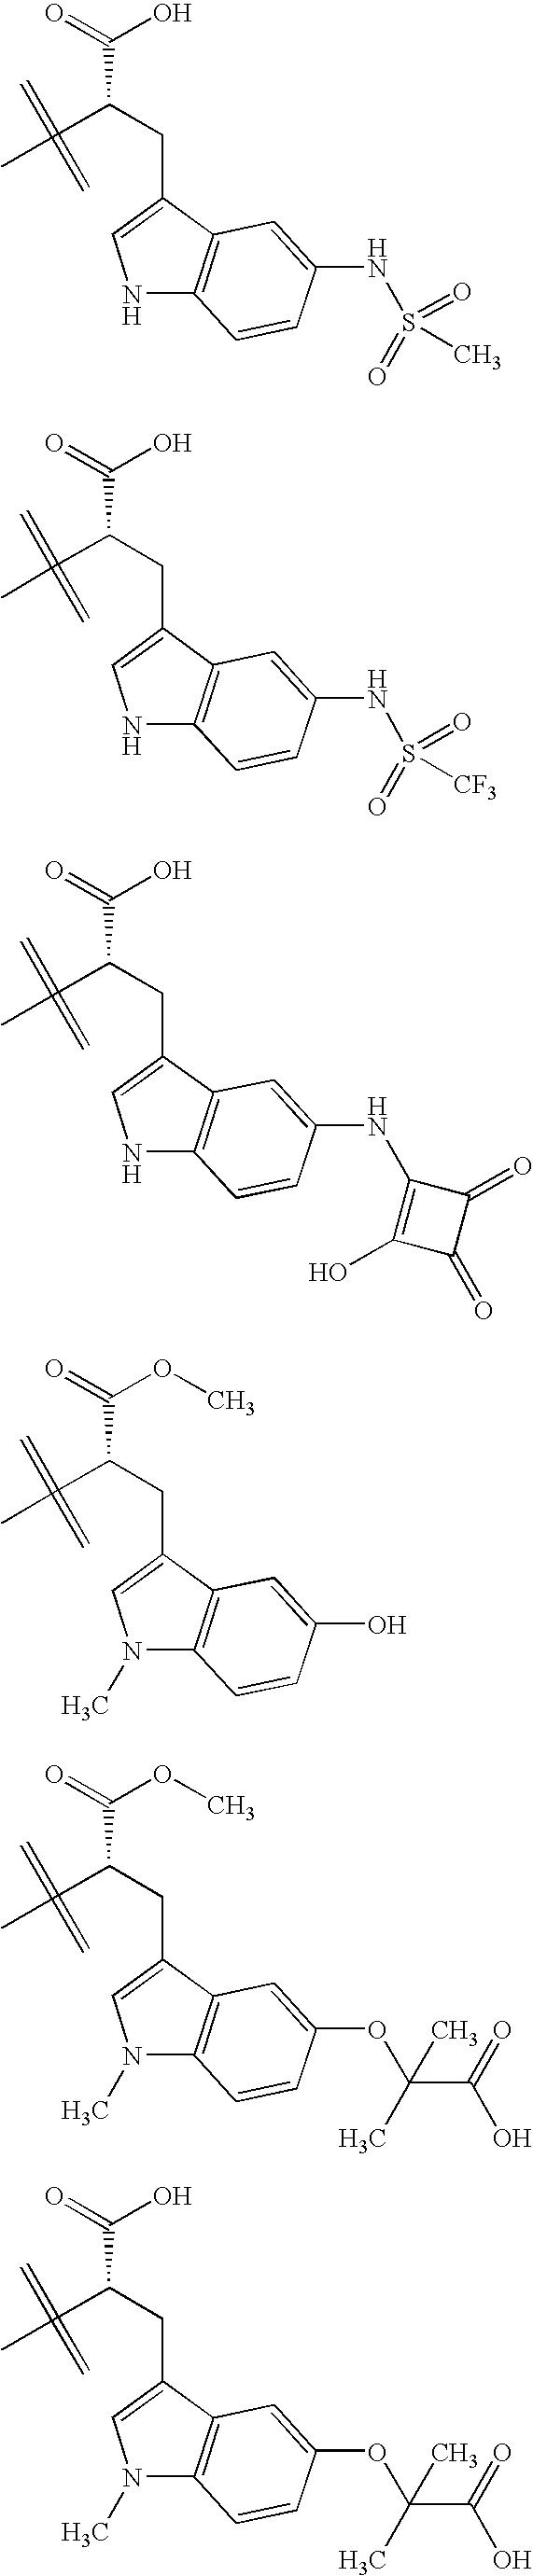 Figure US20070049593A1-20070301-C00120